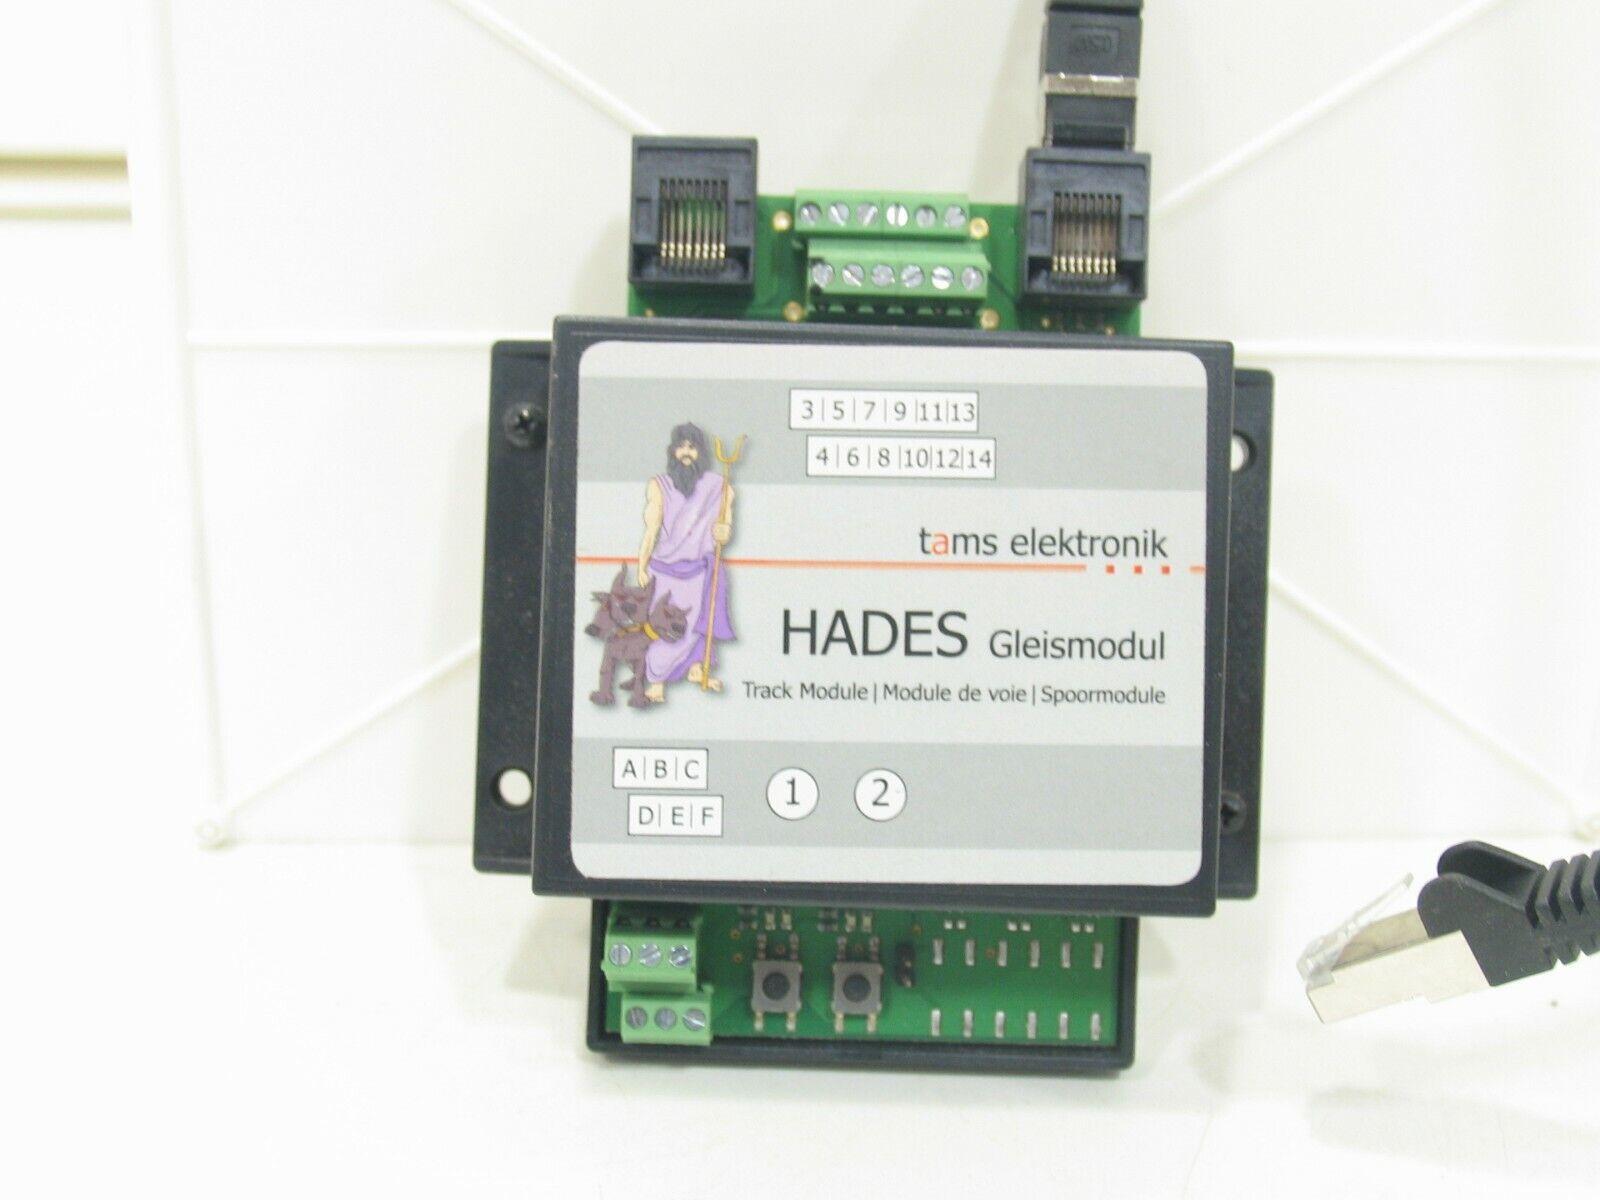 Schattenbahnhofsteuerung Hades Basismodul tams elektronik mit Kabel NZ5312